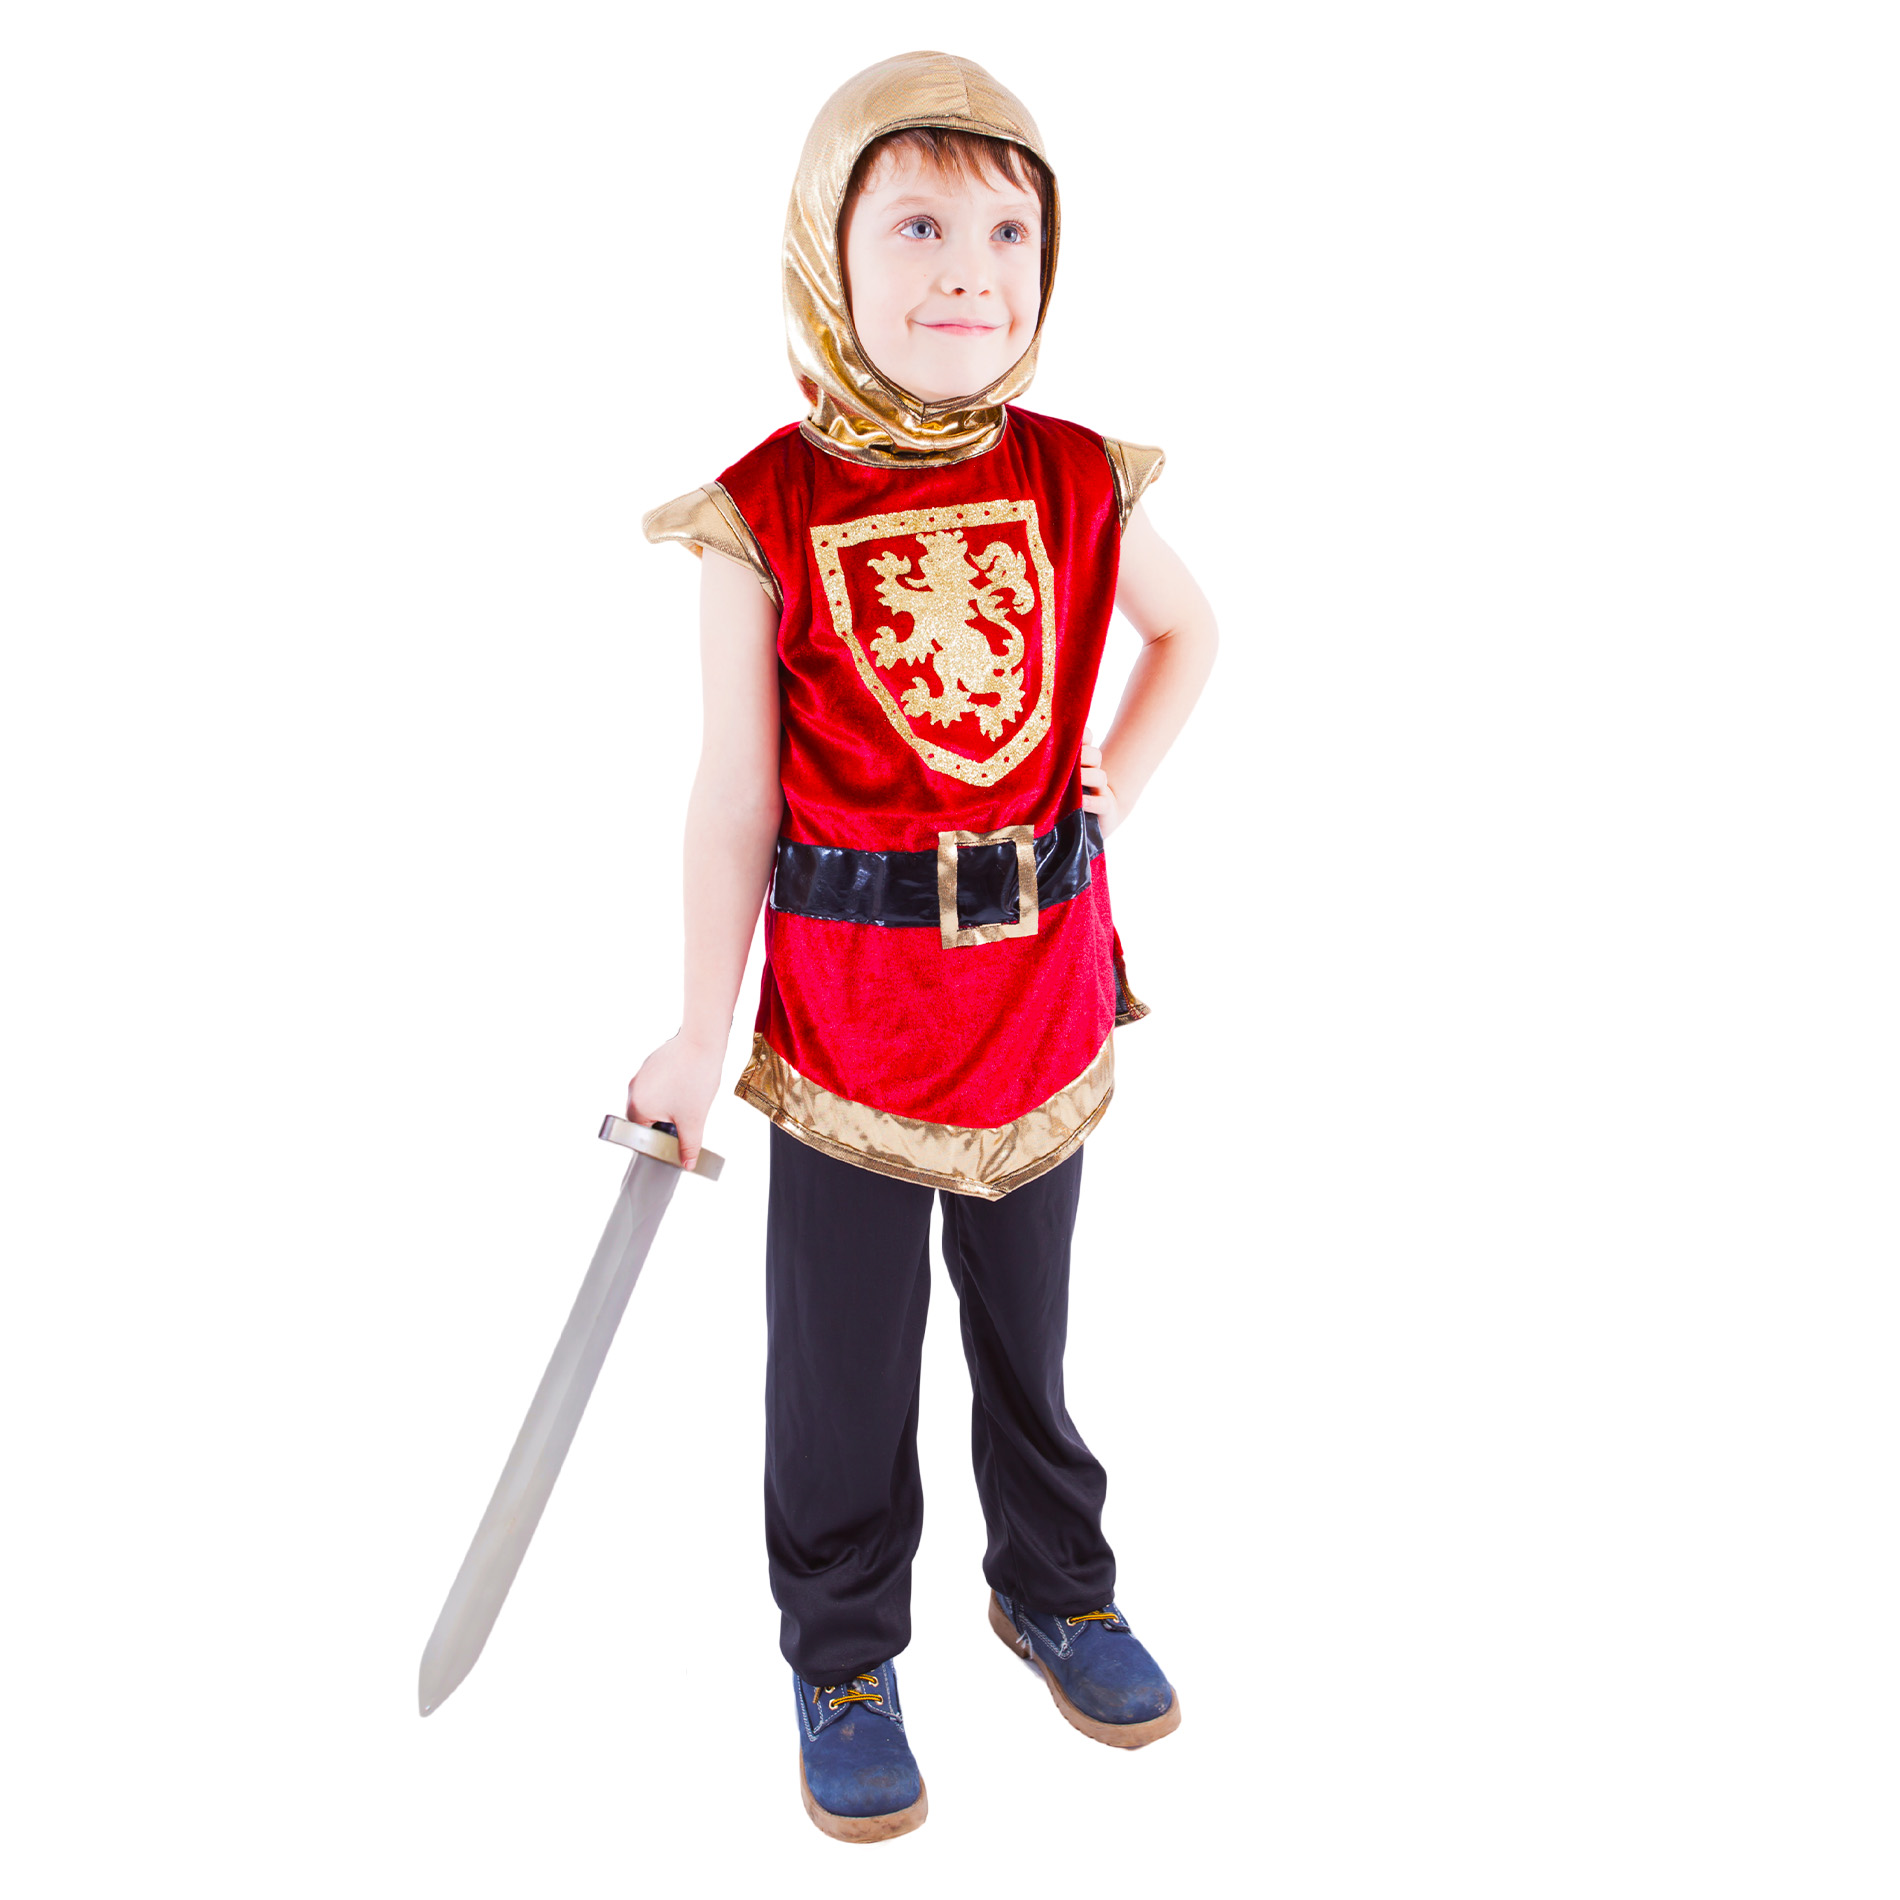 Dětský kostým rytíř s erbem červený (S)